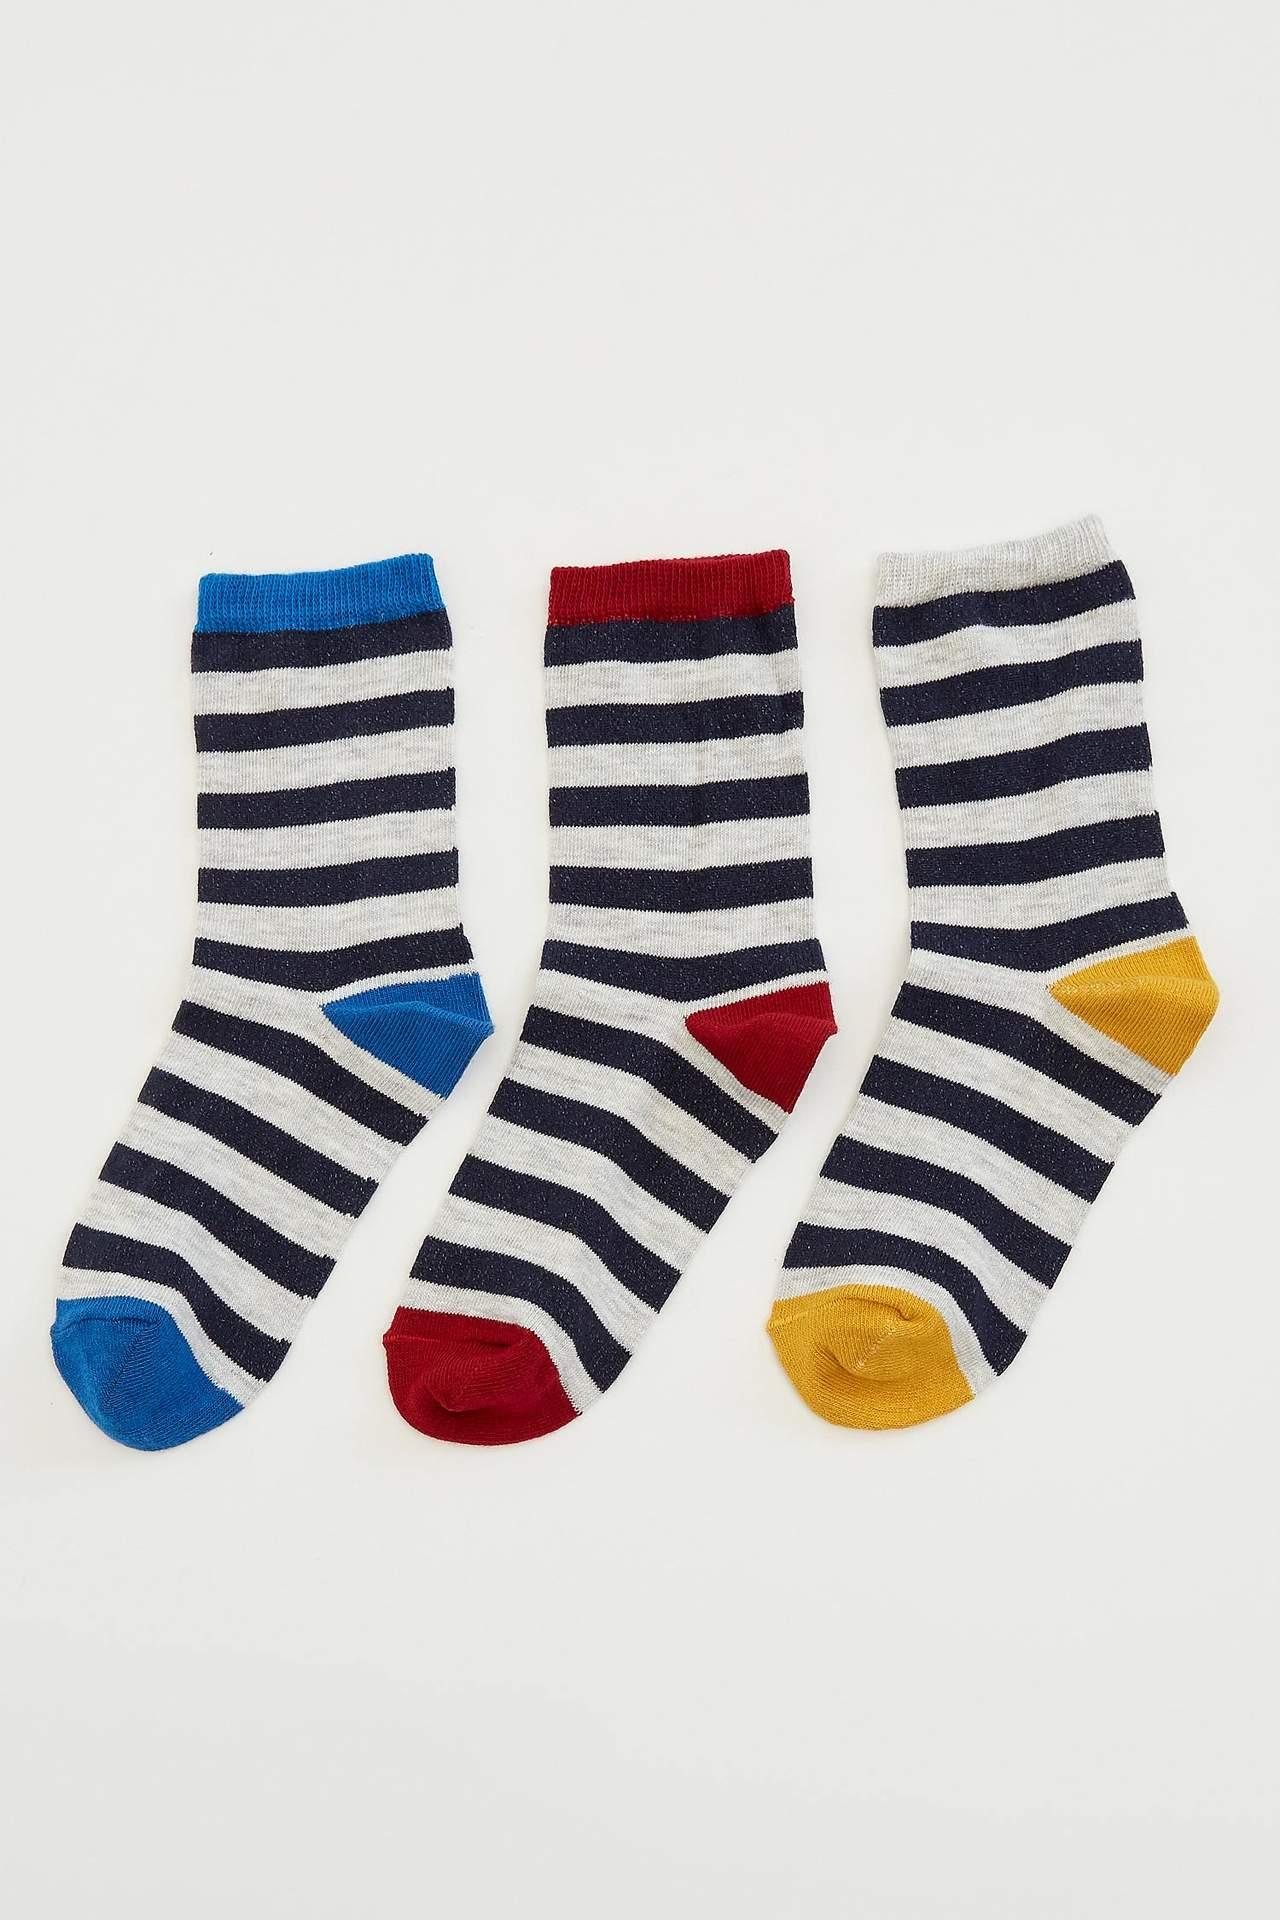 DeFacto Erkek Çocuk 3'lü Çorap Set male